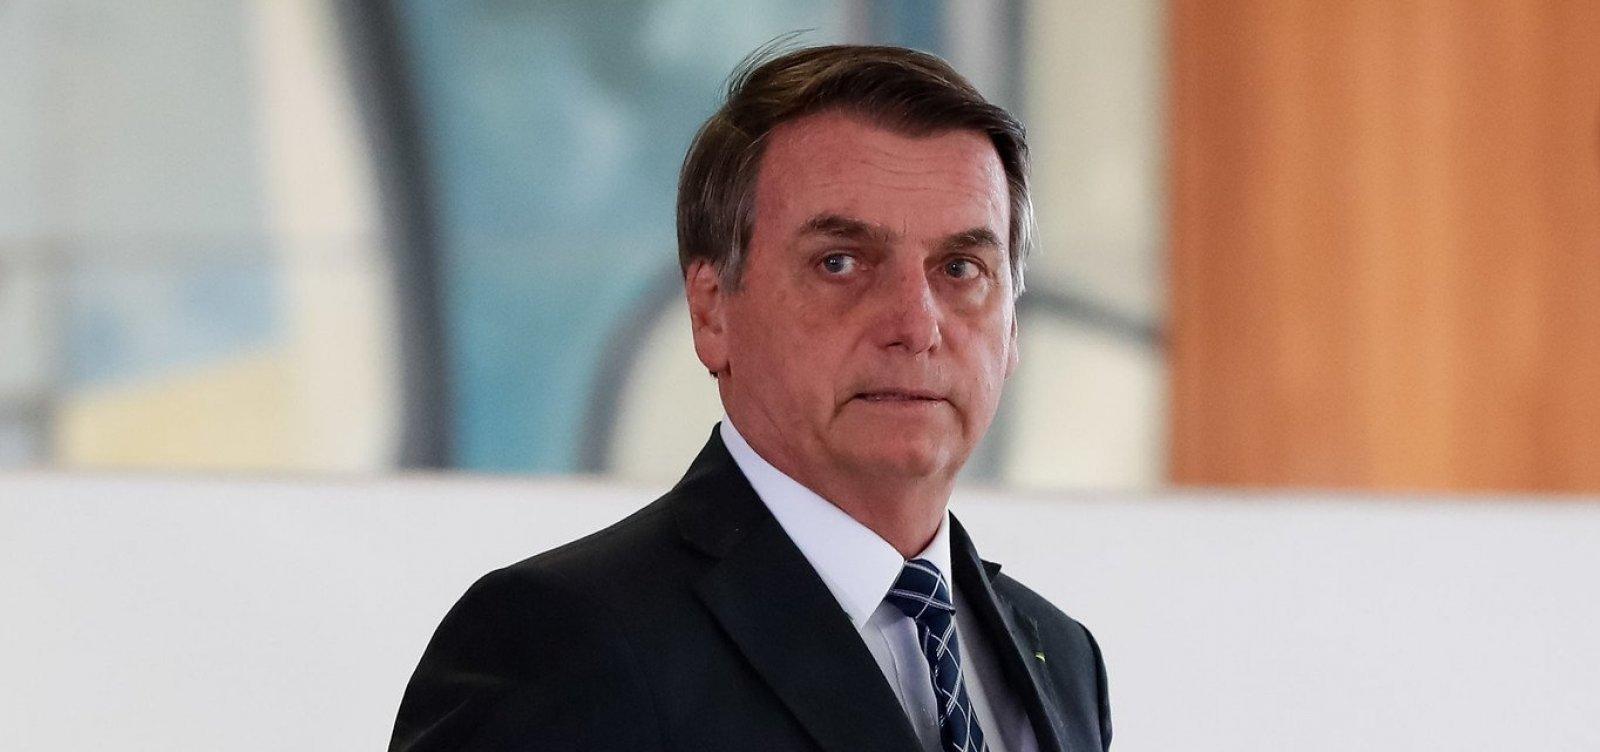 Reprovação de Bolsonaro bate próprio recorde e cresce até mesmo entre evangélicos